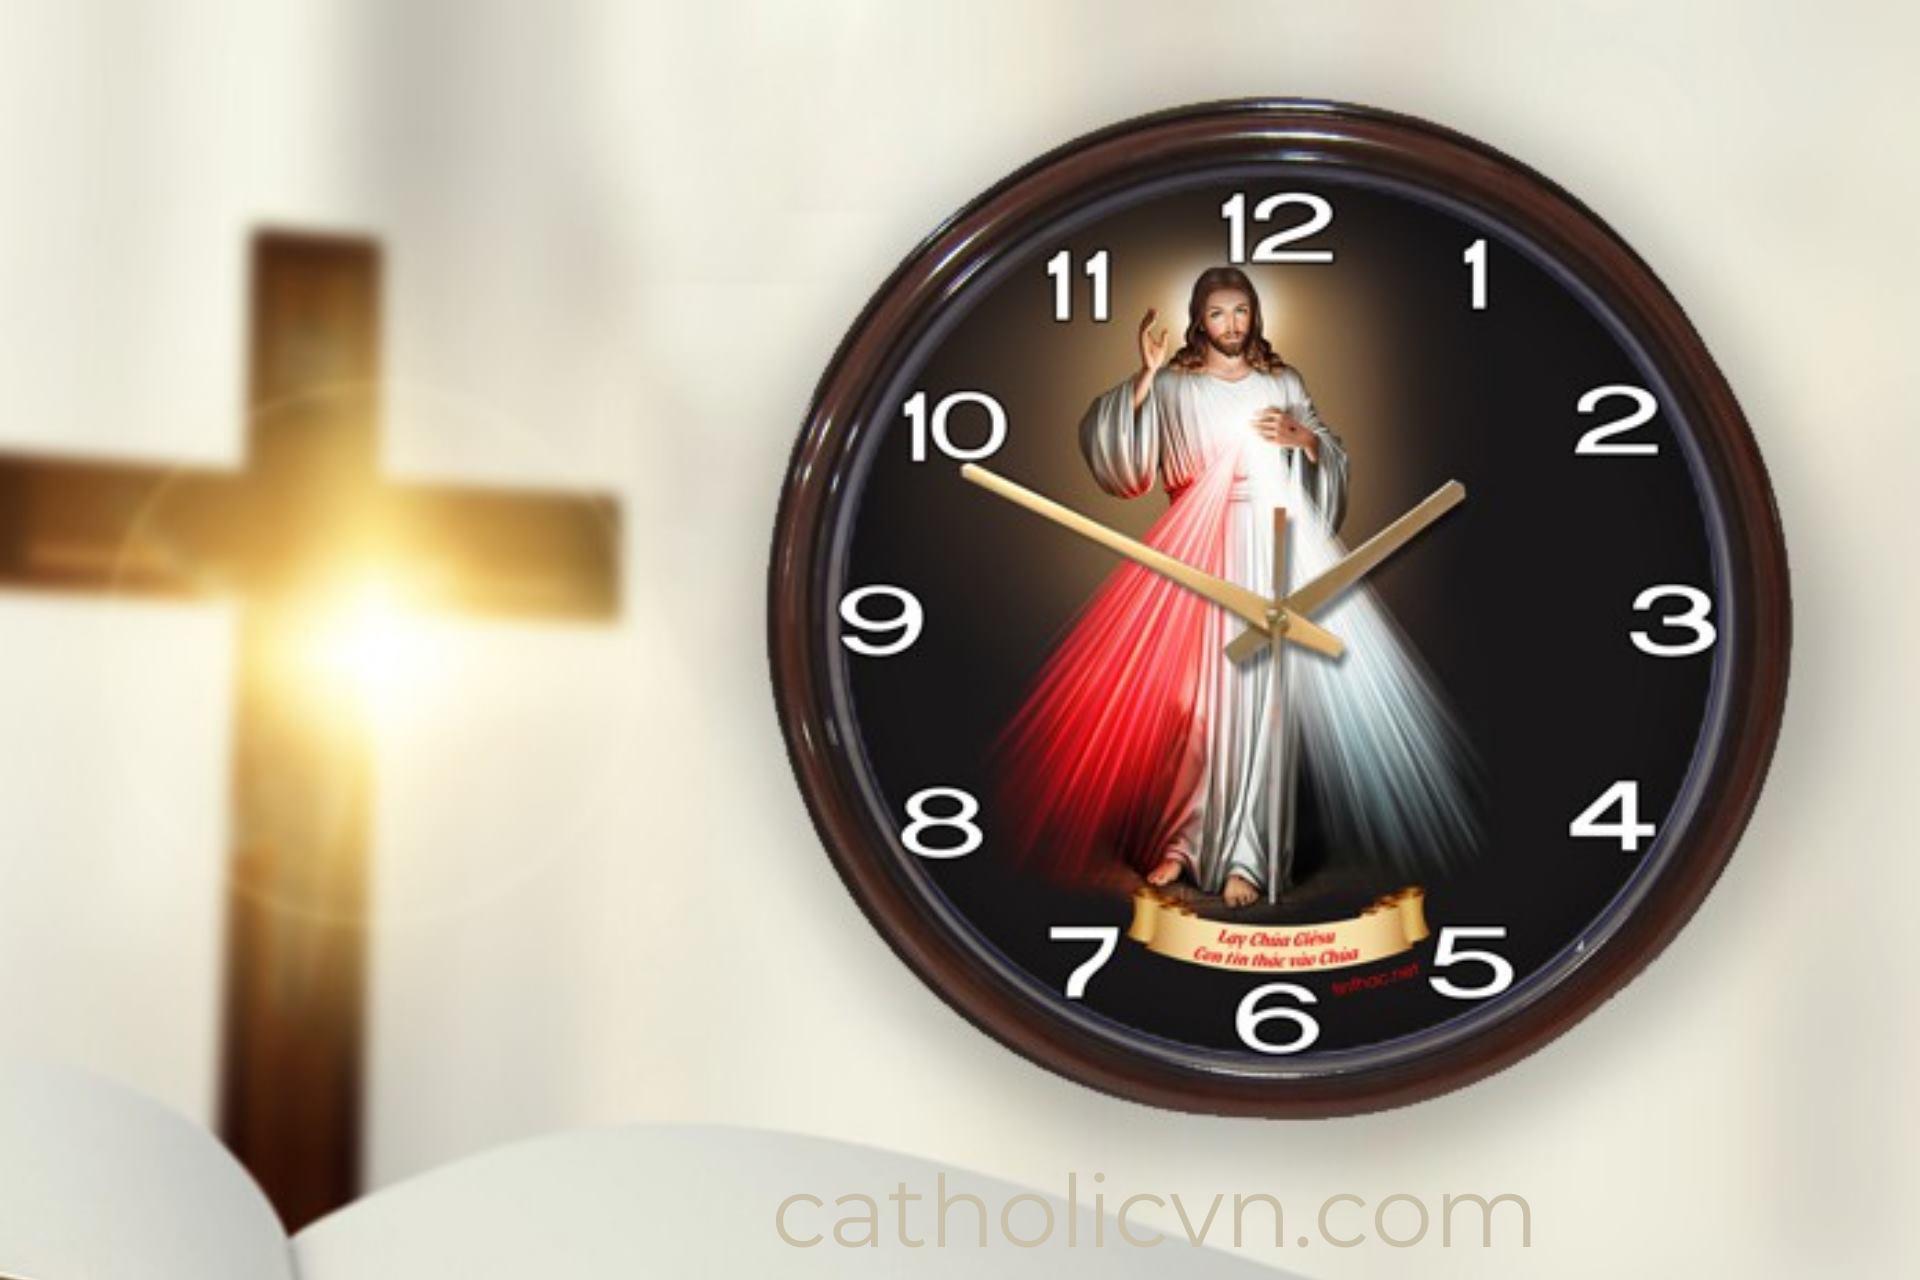 Đồng Hồ Công Giáo: Treo tường in hình Chúa Giesu, Đức Mẹ…